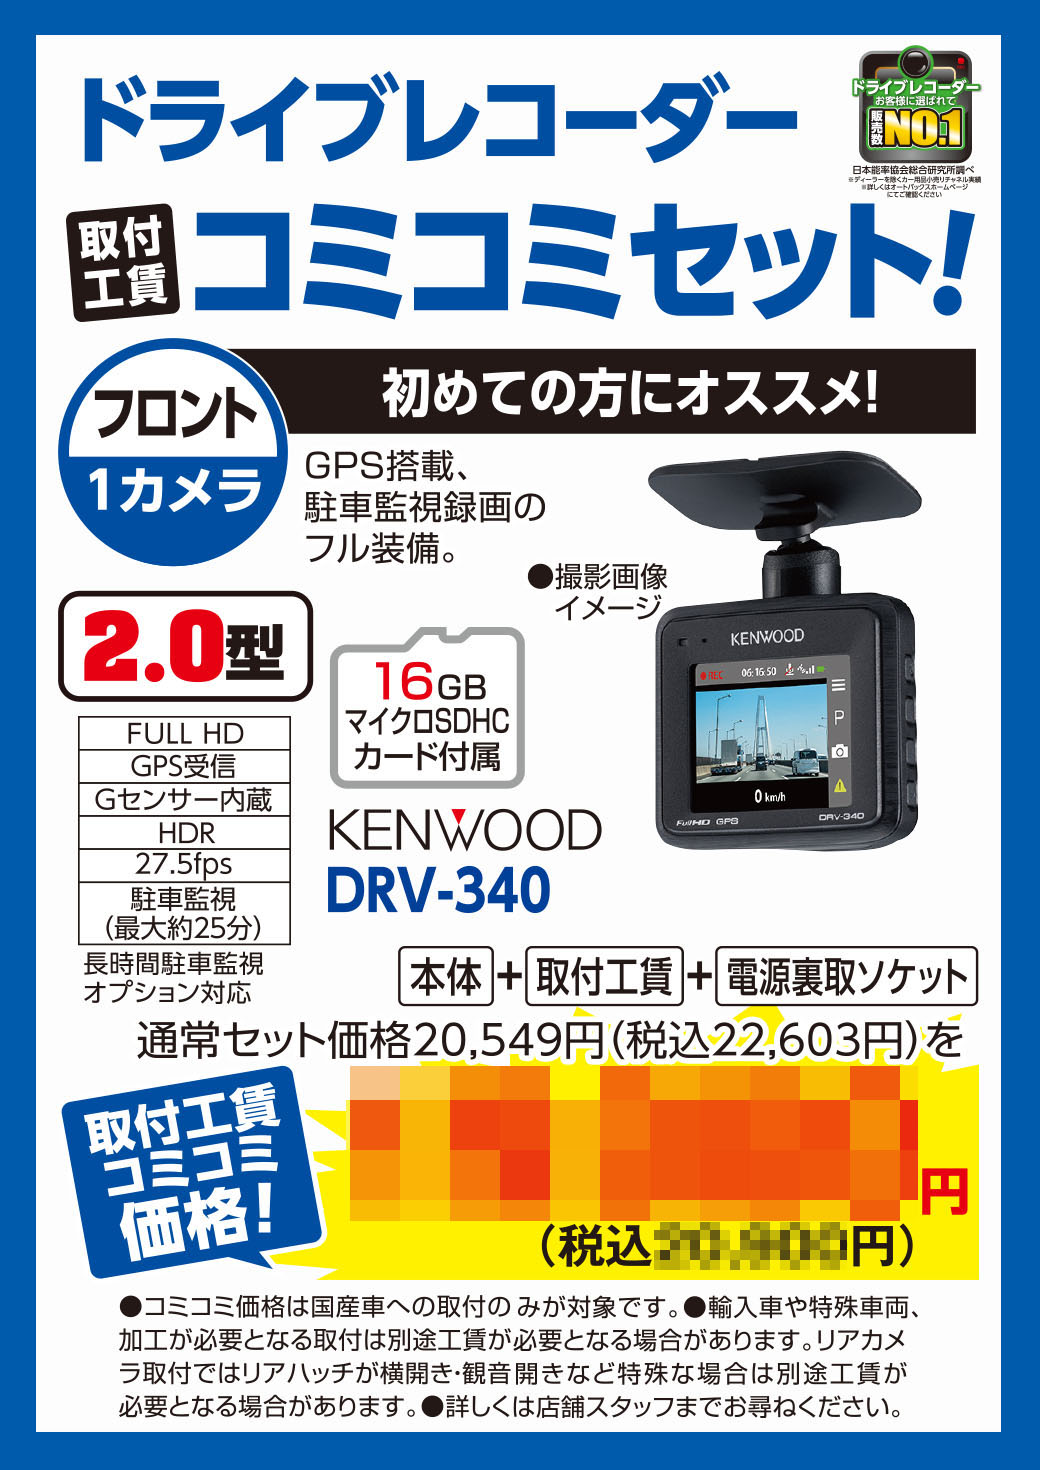 ドライブレコーダー工賃コミコミセット_01